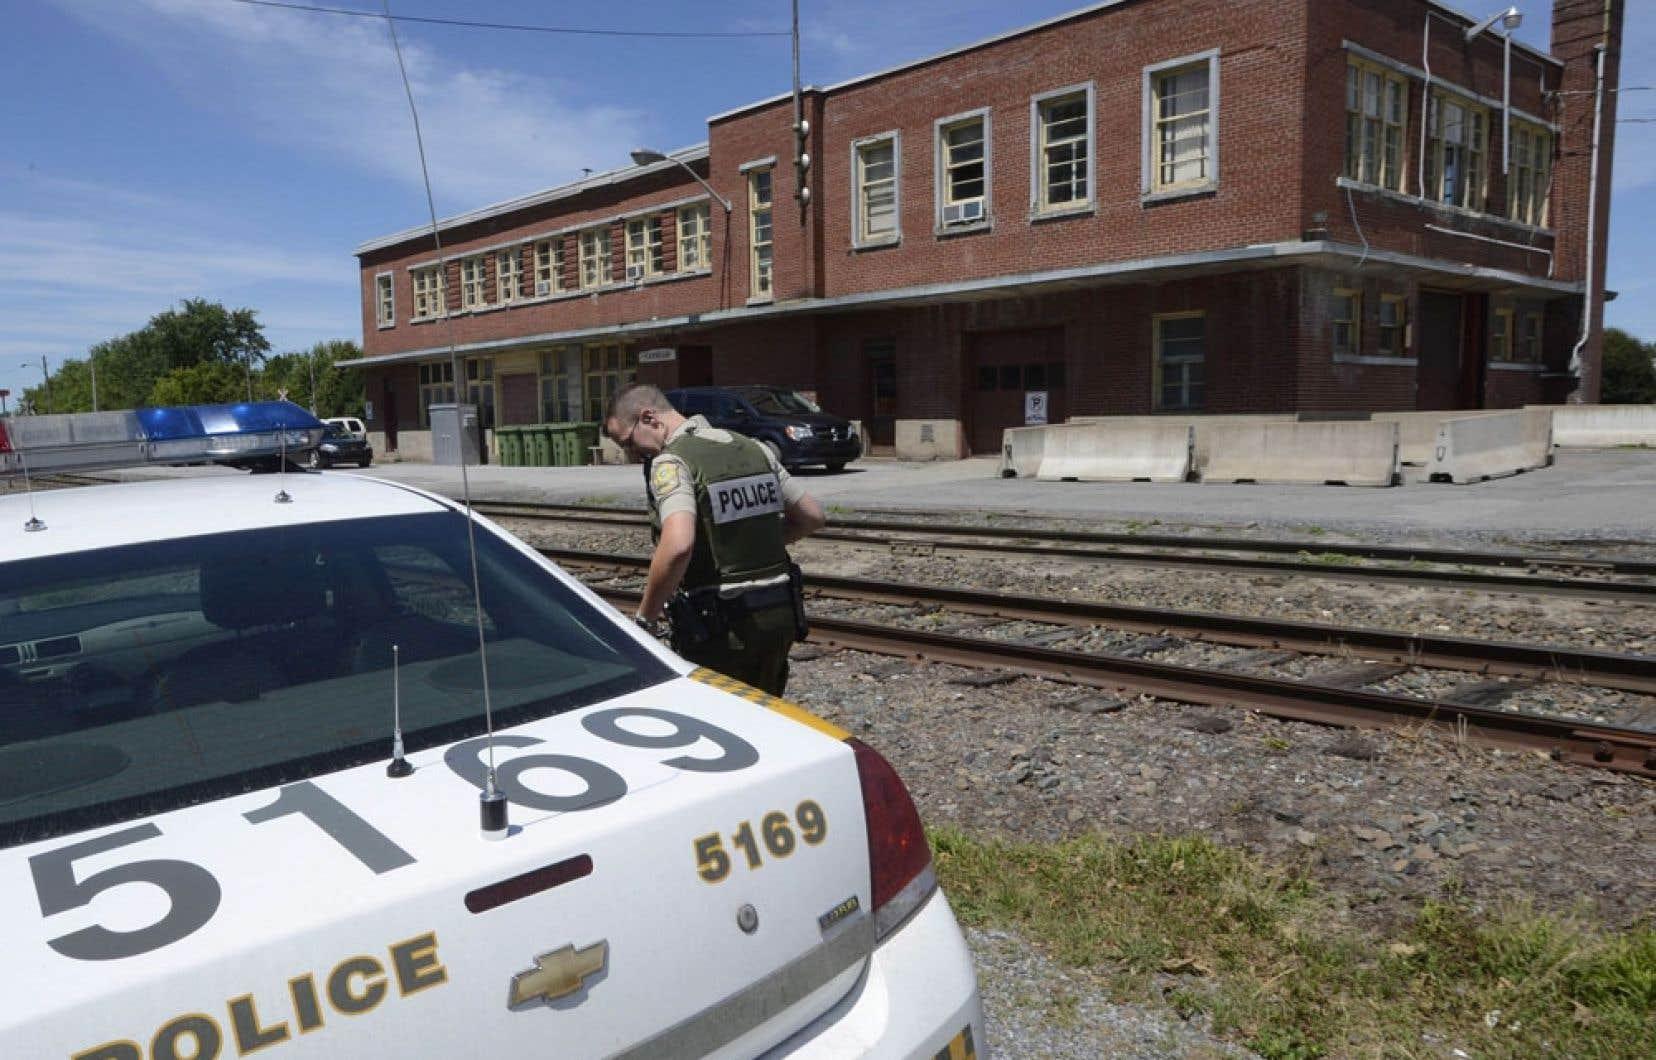 Des enquêteurs de la Sûreté du Québec ont entrepris une perquisition dans les bureaux de la MMA à Farnham, en Montérégie, jeudi, à la recherche de différents éléments de preuve pouvant « appuyer des accusations criminelles » en lien avec le déraillement de Lac-Mégantic.